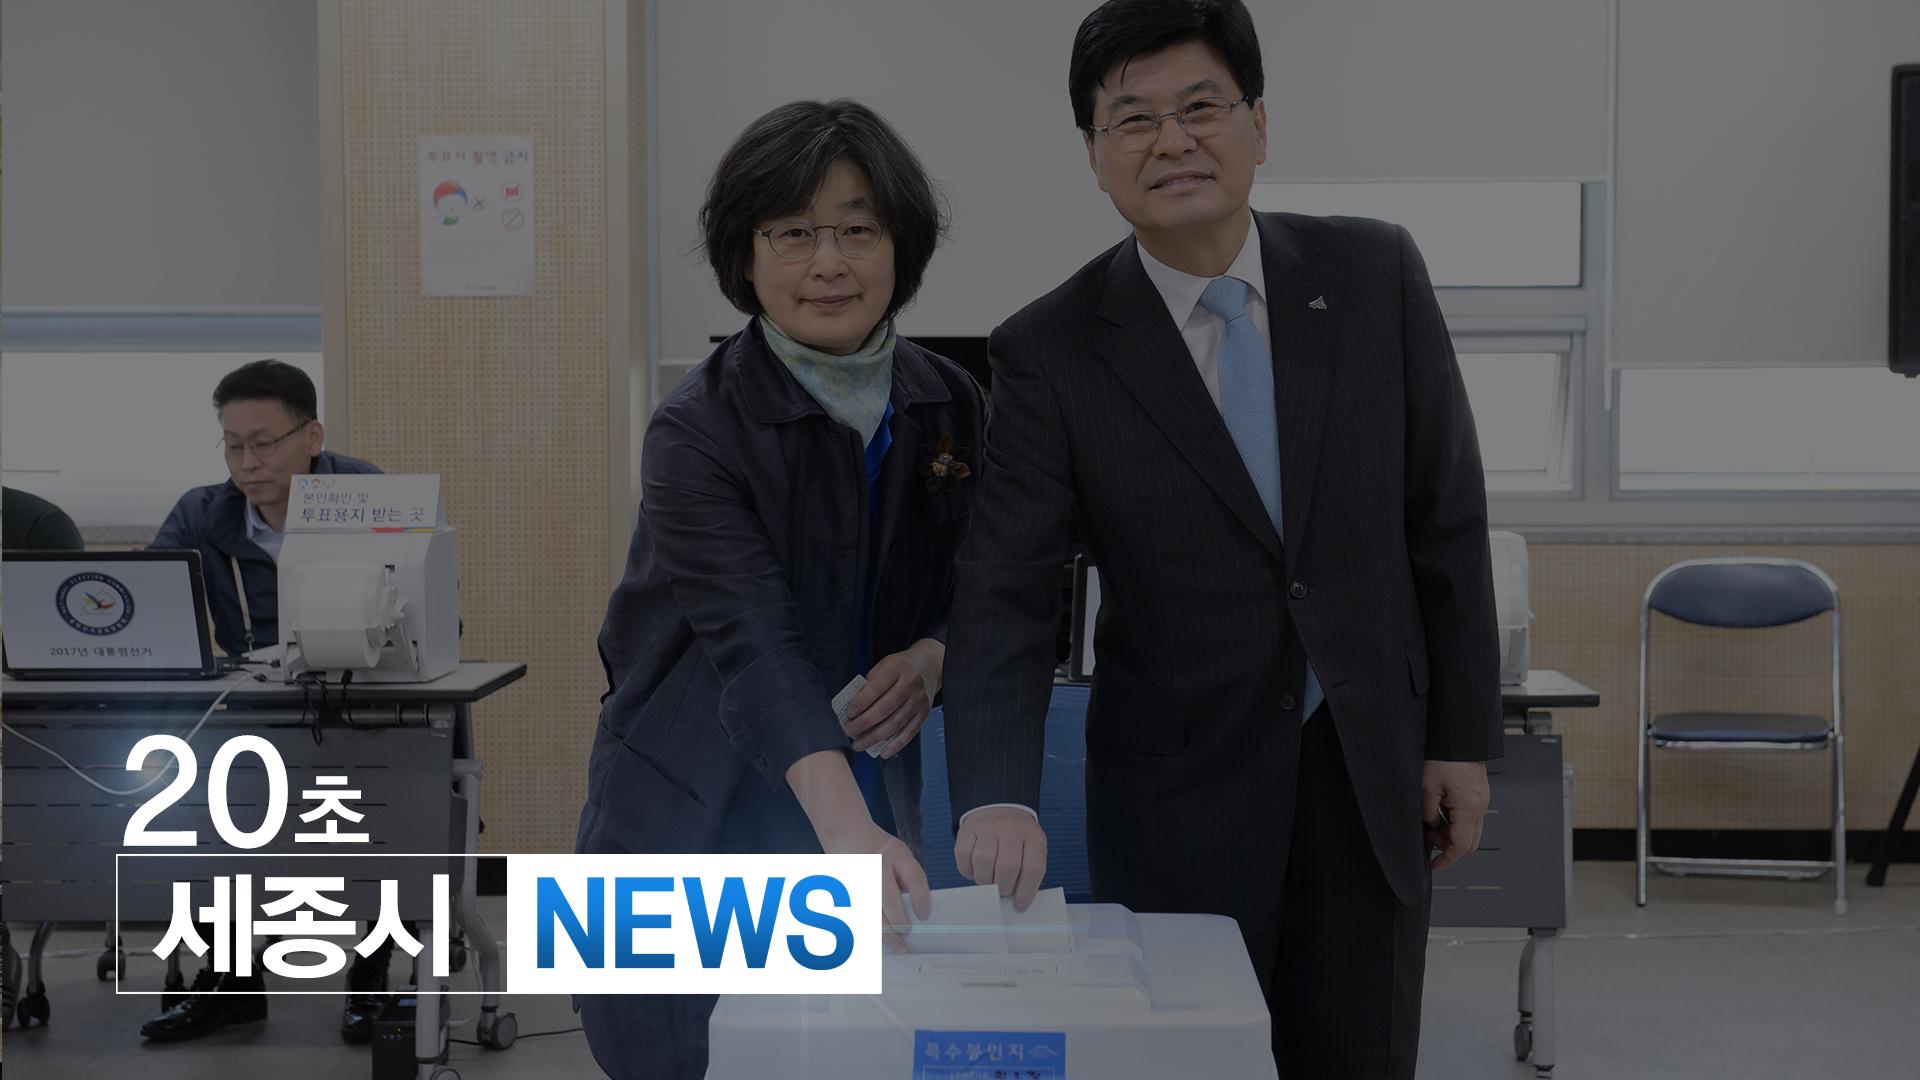 <20초뉴스> 이춘희 세종시장, 사전투표